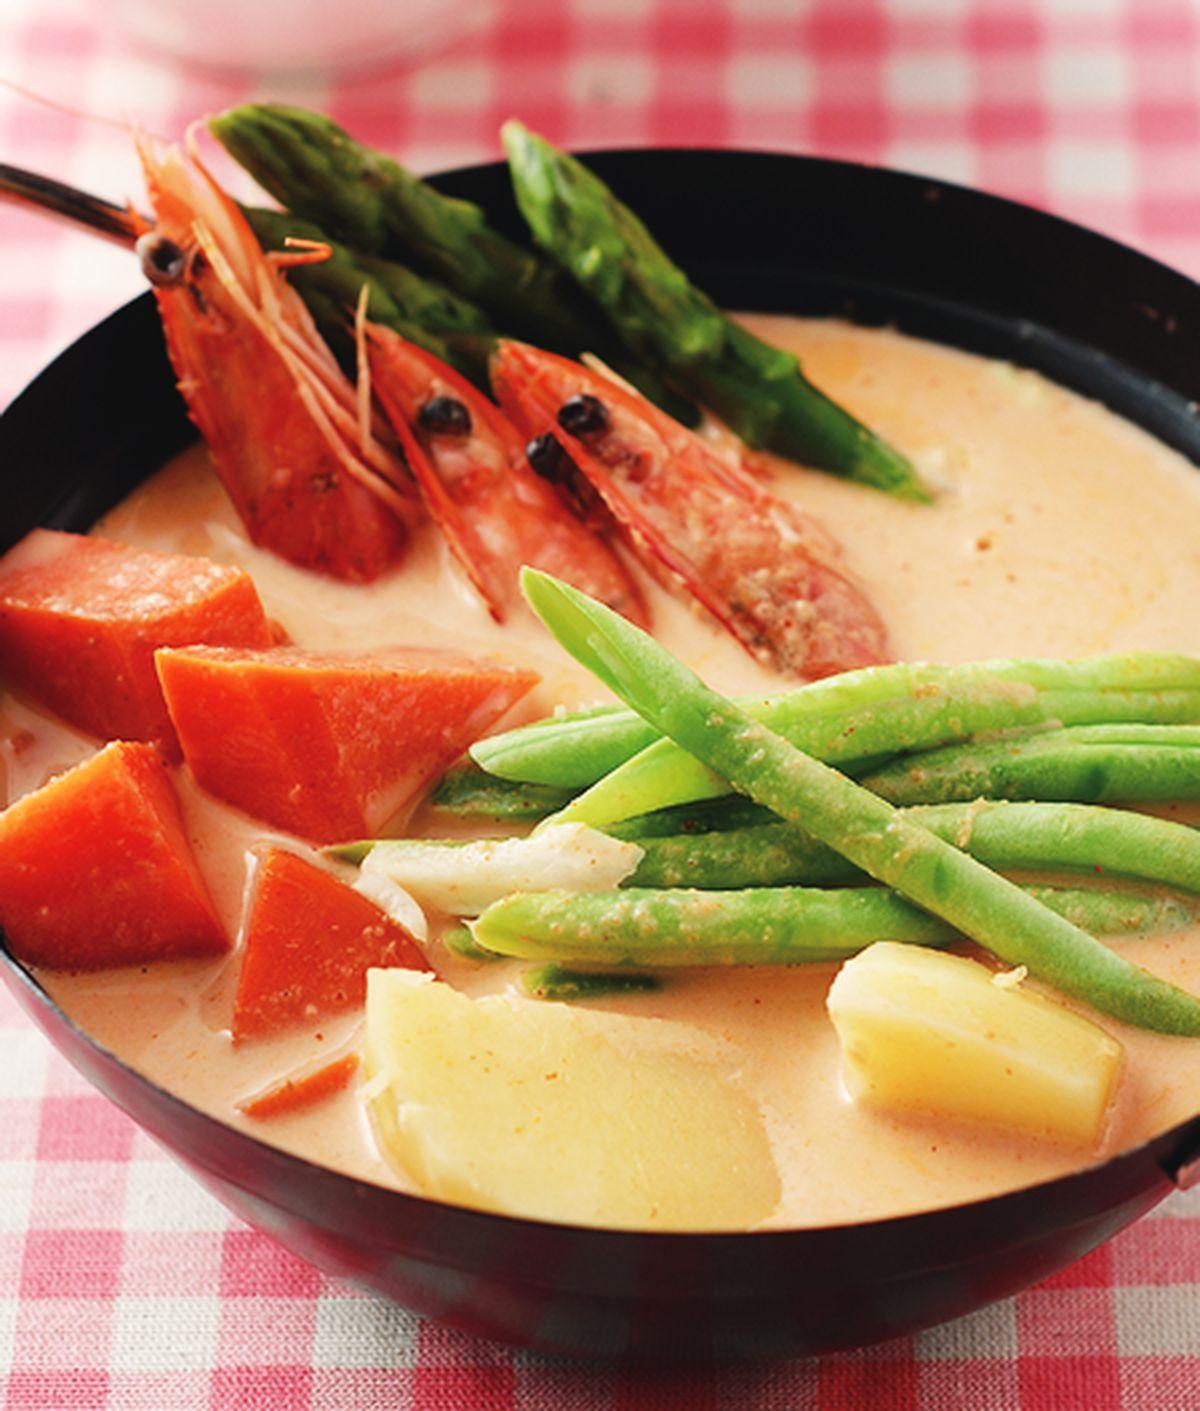 食譜:椰汁蔬菜咖哩鍋